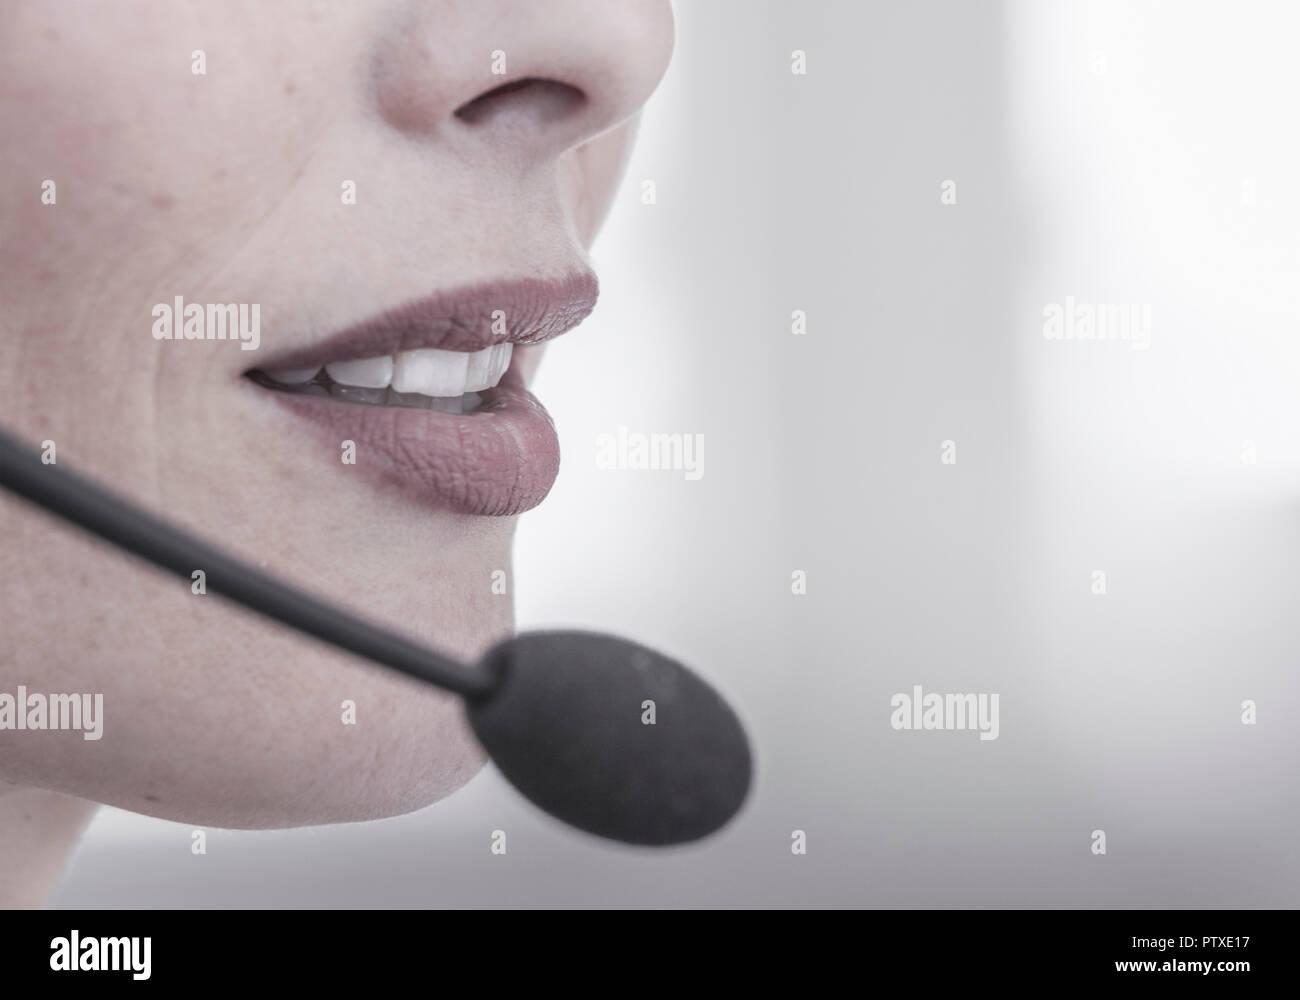 Frauengesicht, Detail, Munder Mit Mikrofon (Model-Release) Stockbild